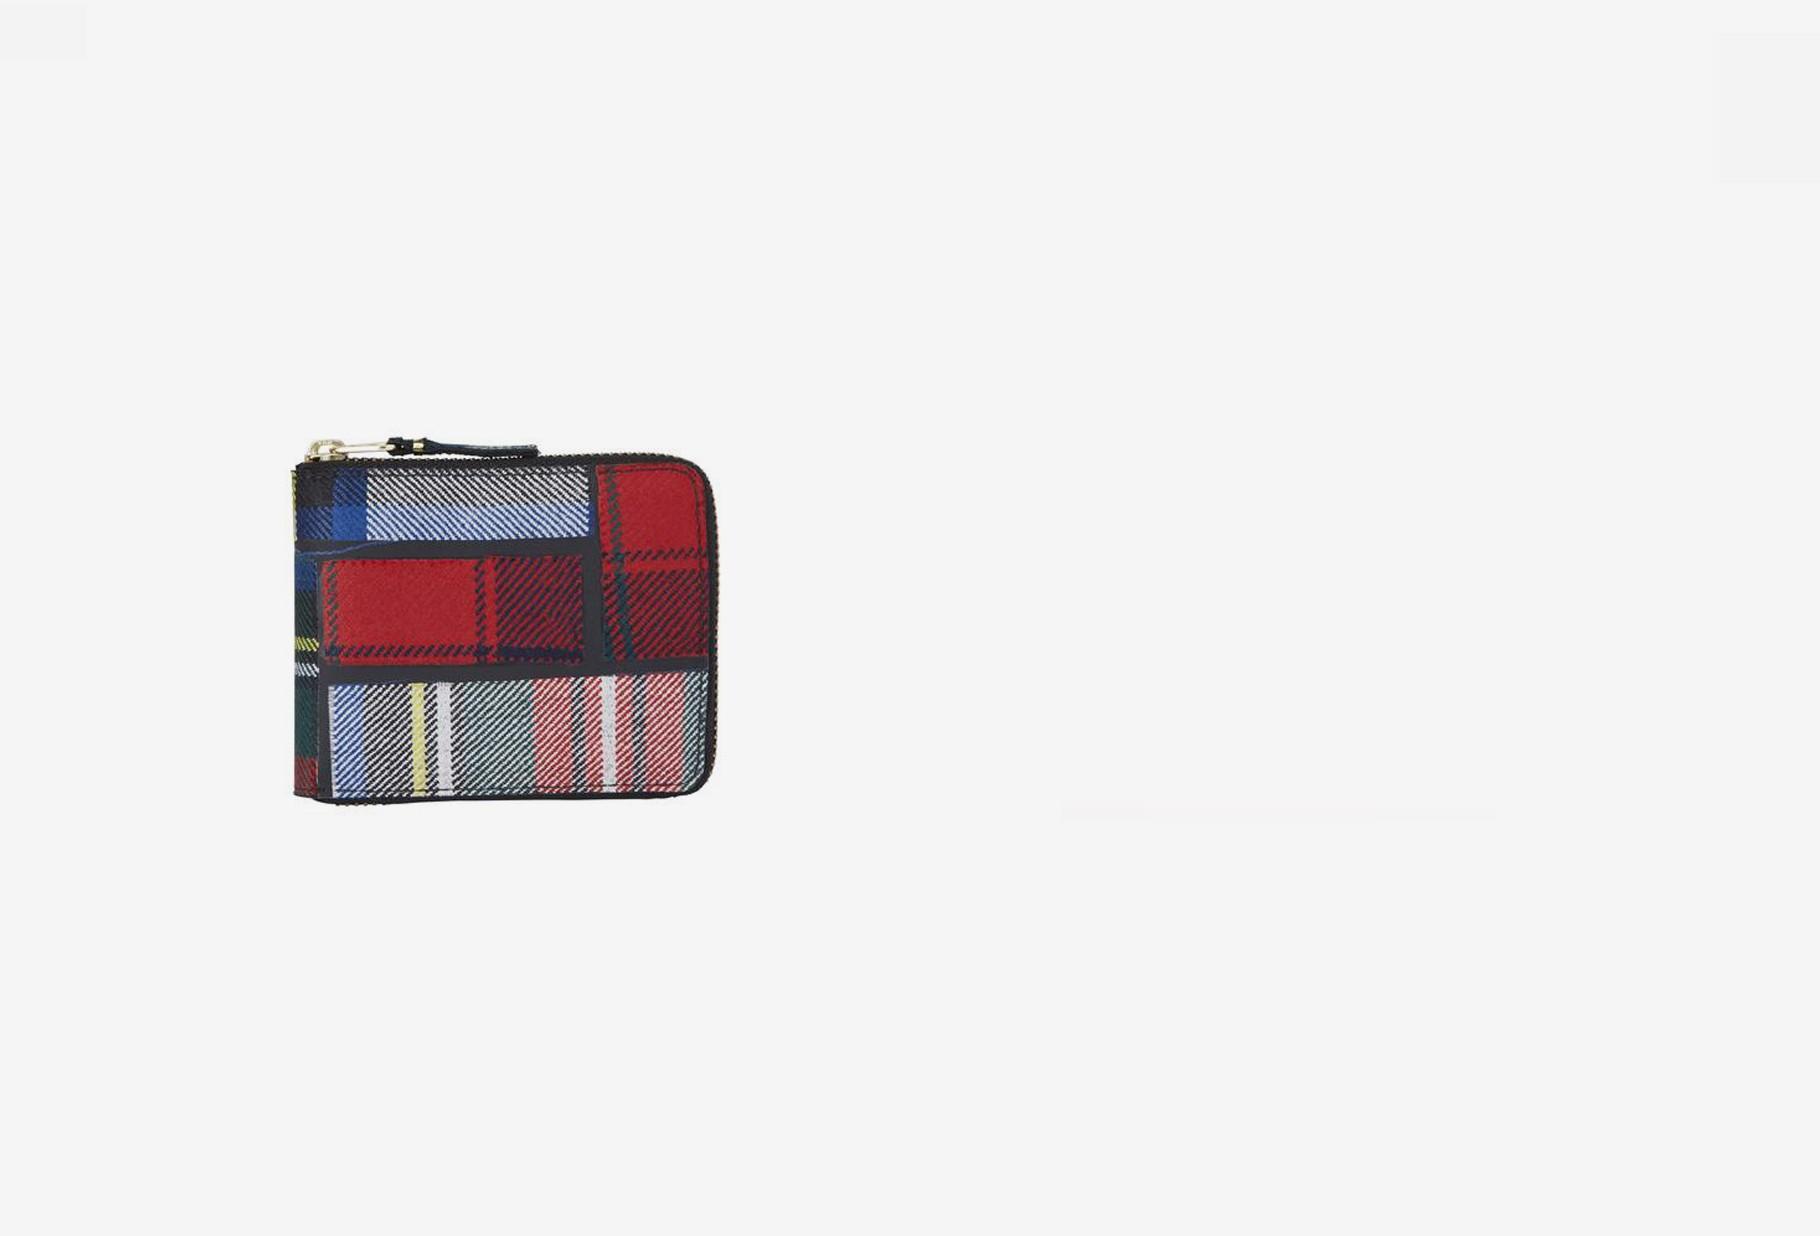 COMME DES GARÇONS WALLETS / Cdg wallet tartan patchwork Sa7100tp red